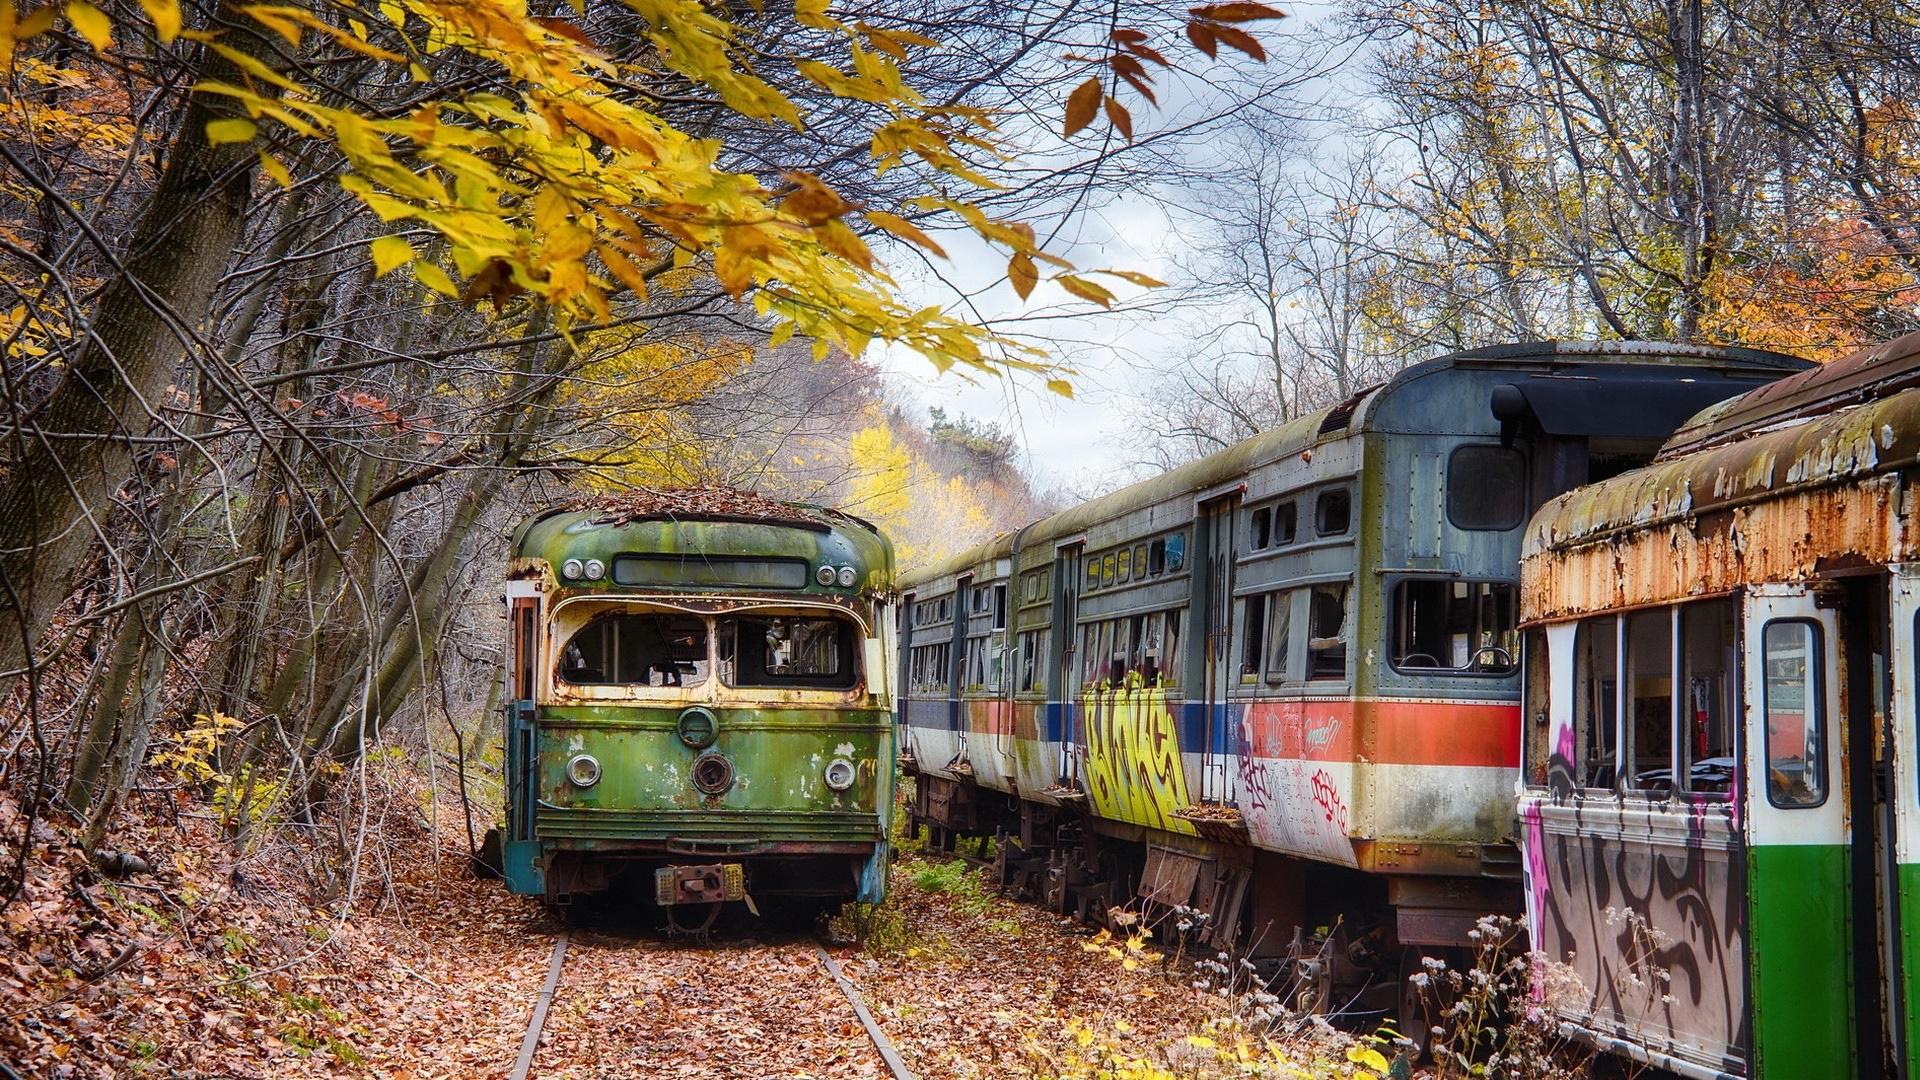 Поезд на мосту осень в хорошем качестве